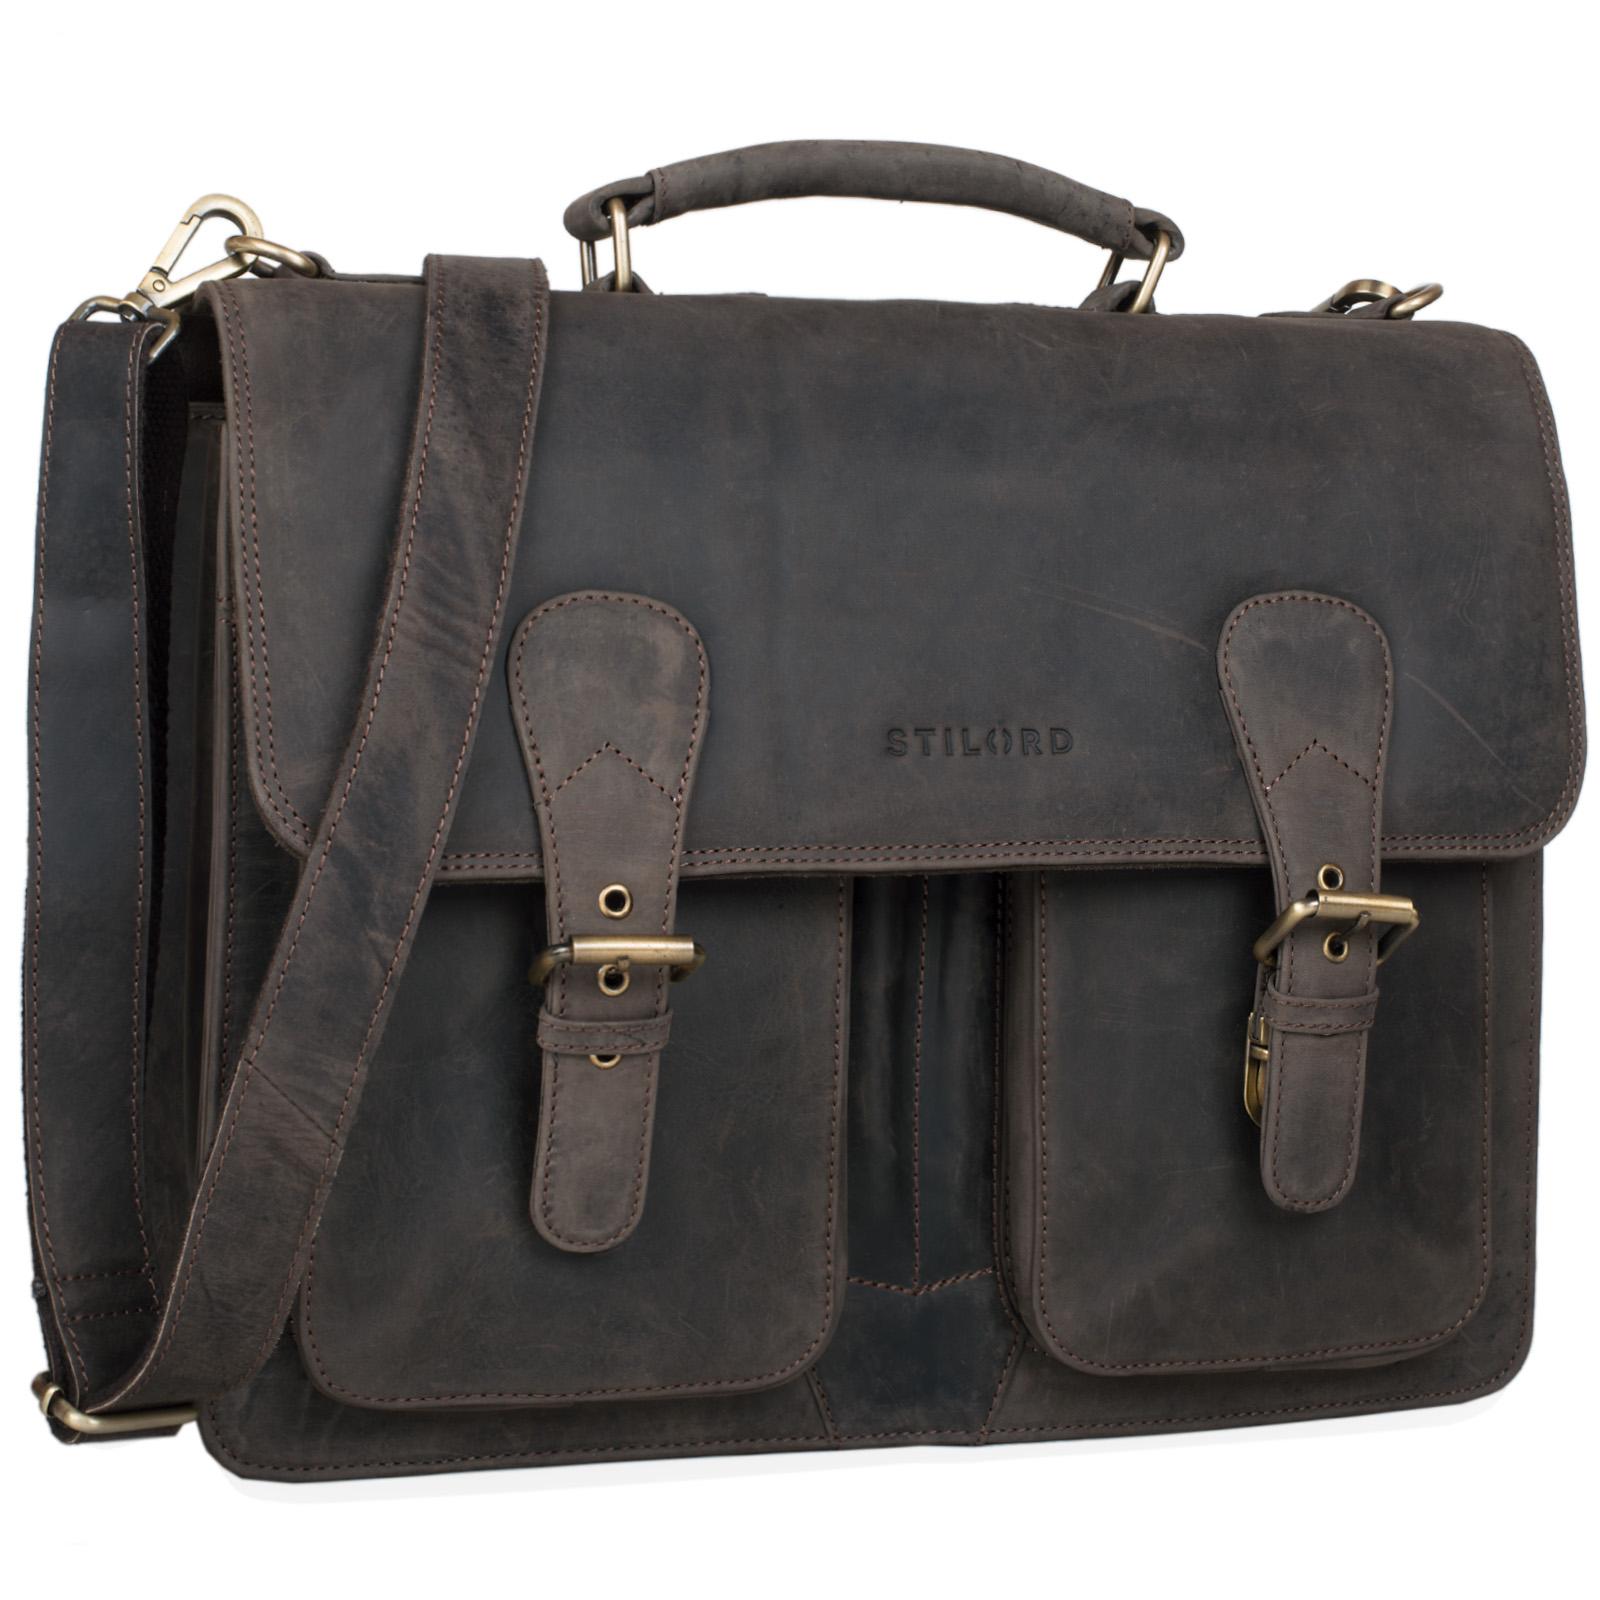 """STILORD """"Karl"""" Aktentasche Herren Lehrertasche Bürotasche Laptoptasche Umhängetasche XL Businesstasche Vintage groß aus echtem Leder  - Bild 7"""